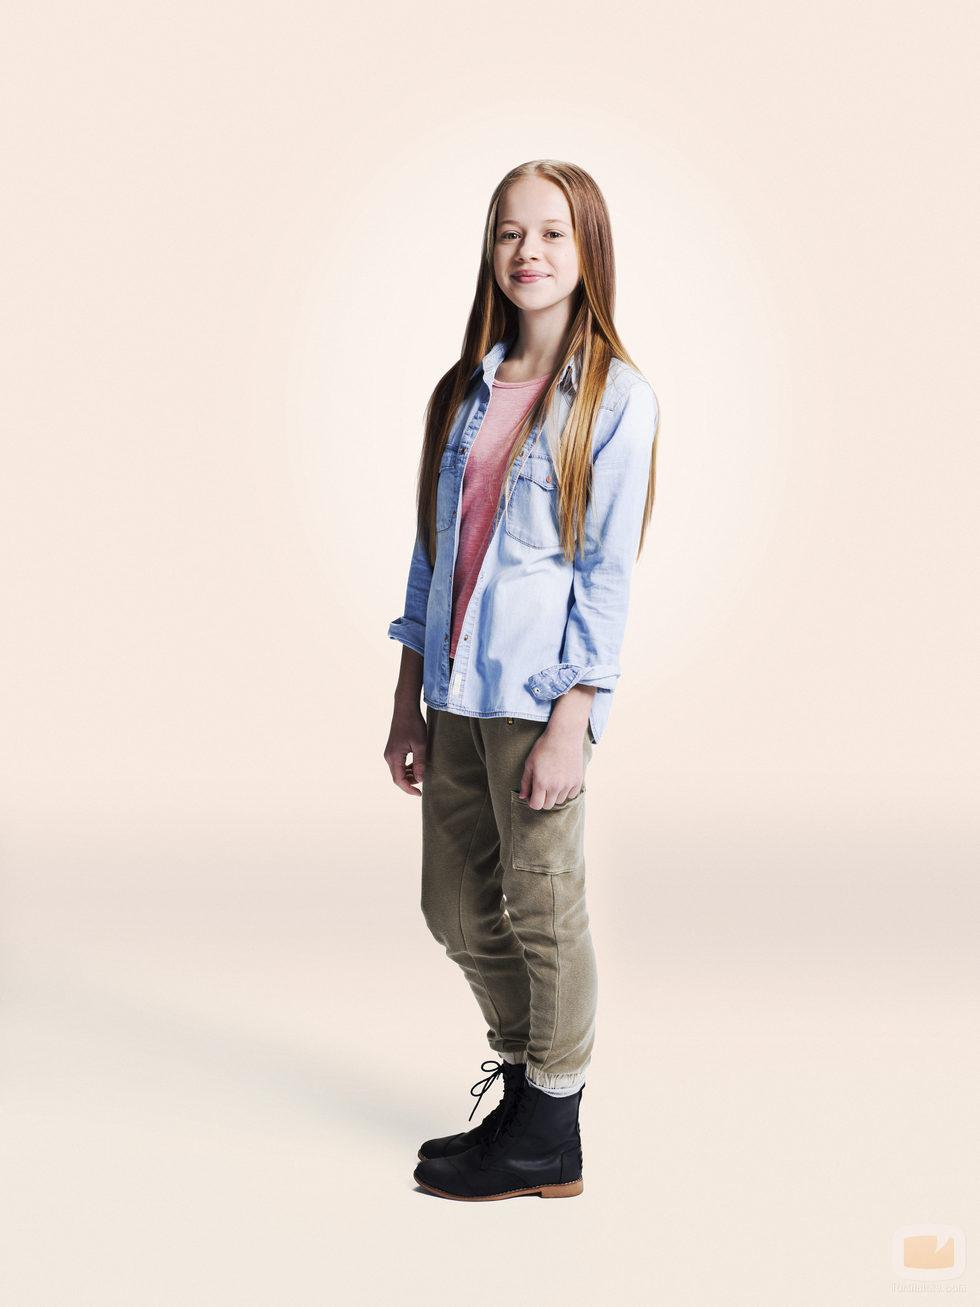 Holly J. Barrett de perfil en la foto promocional de 'La vida en piezas'